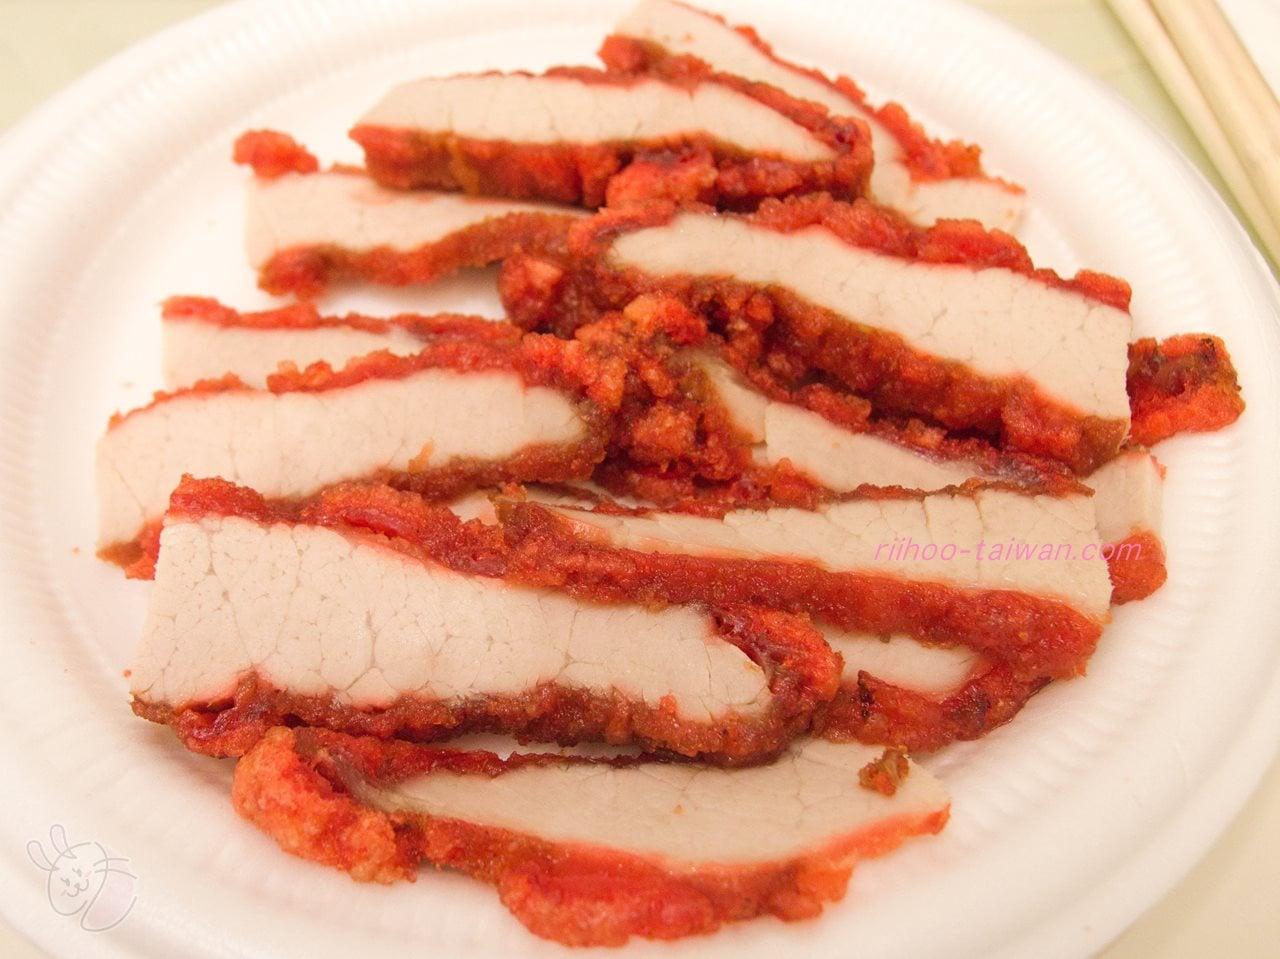 松江市場で買った紅焼肉